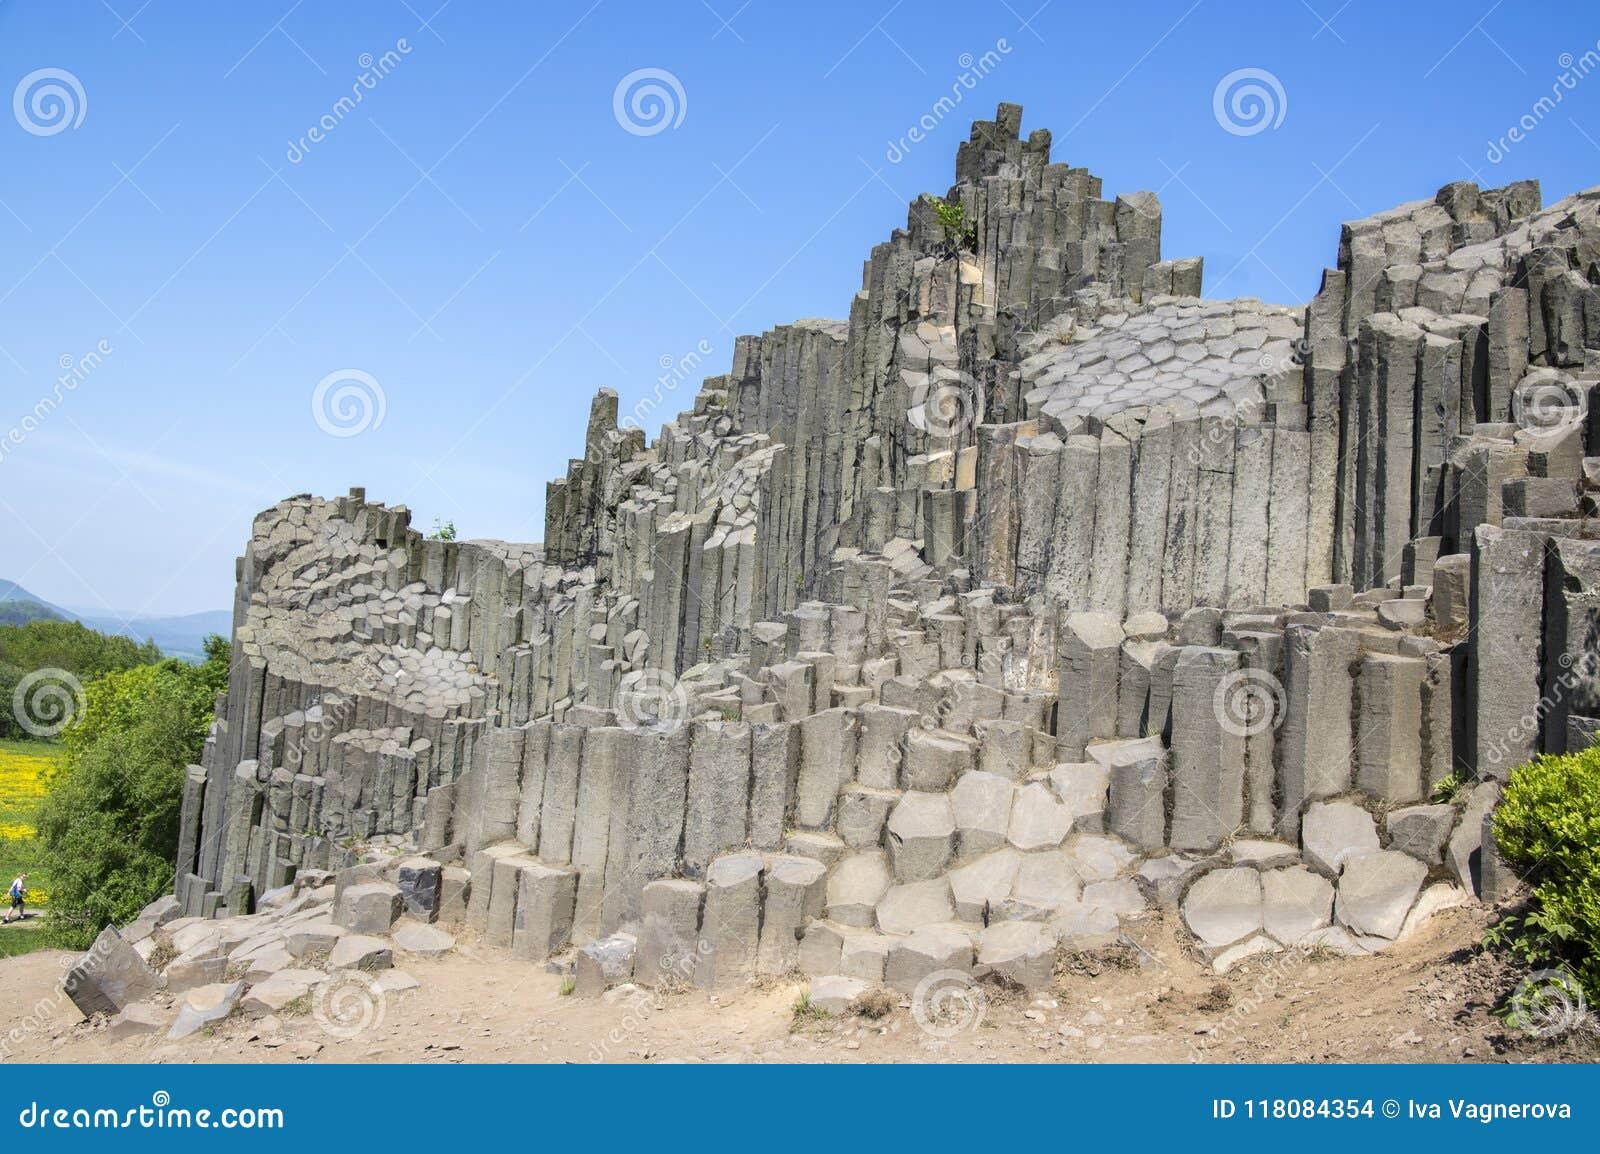 Nationaal Natuurlijk Monument genoemd Panska-skala, zuilvormige verbonden basaltrots in het dorp van Kamenicky senov in Tsjechisc